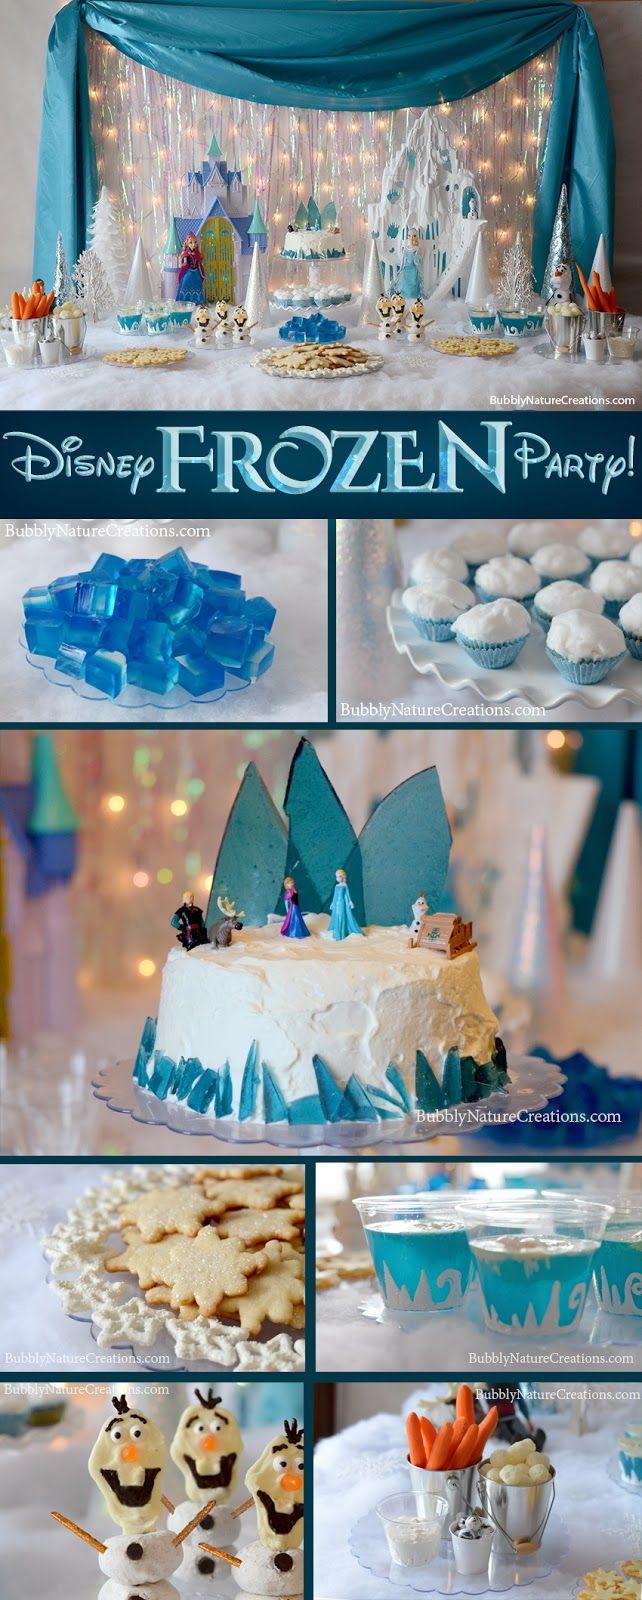 Frozen party!